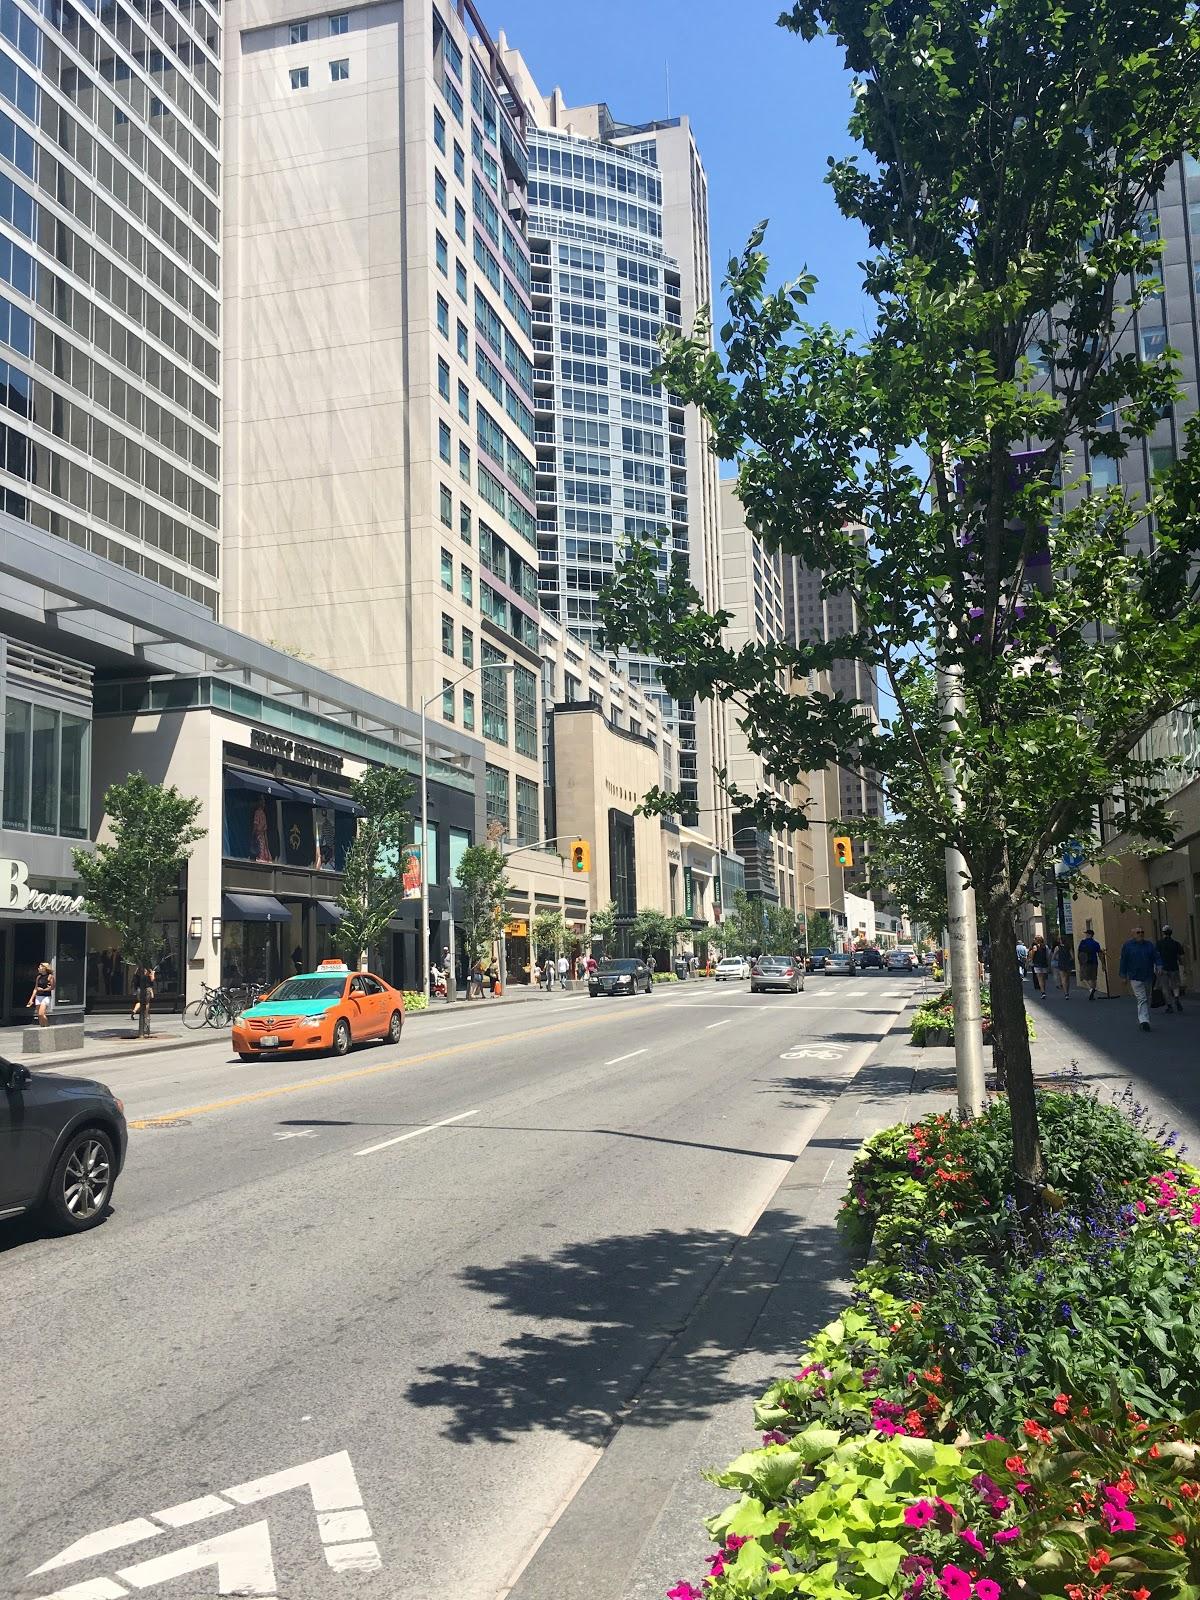 Toronto Bloor street | Akinokiki